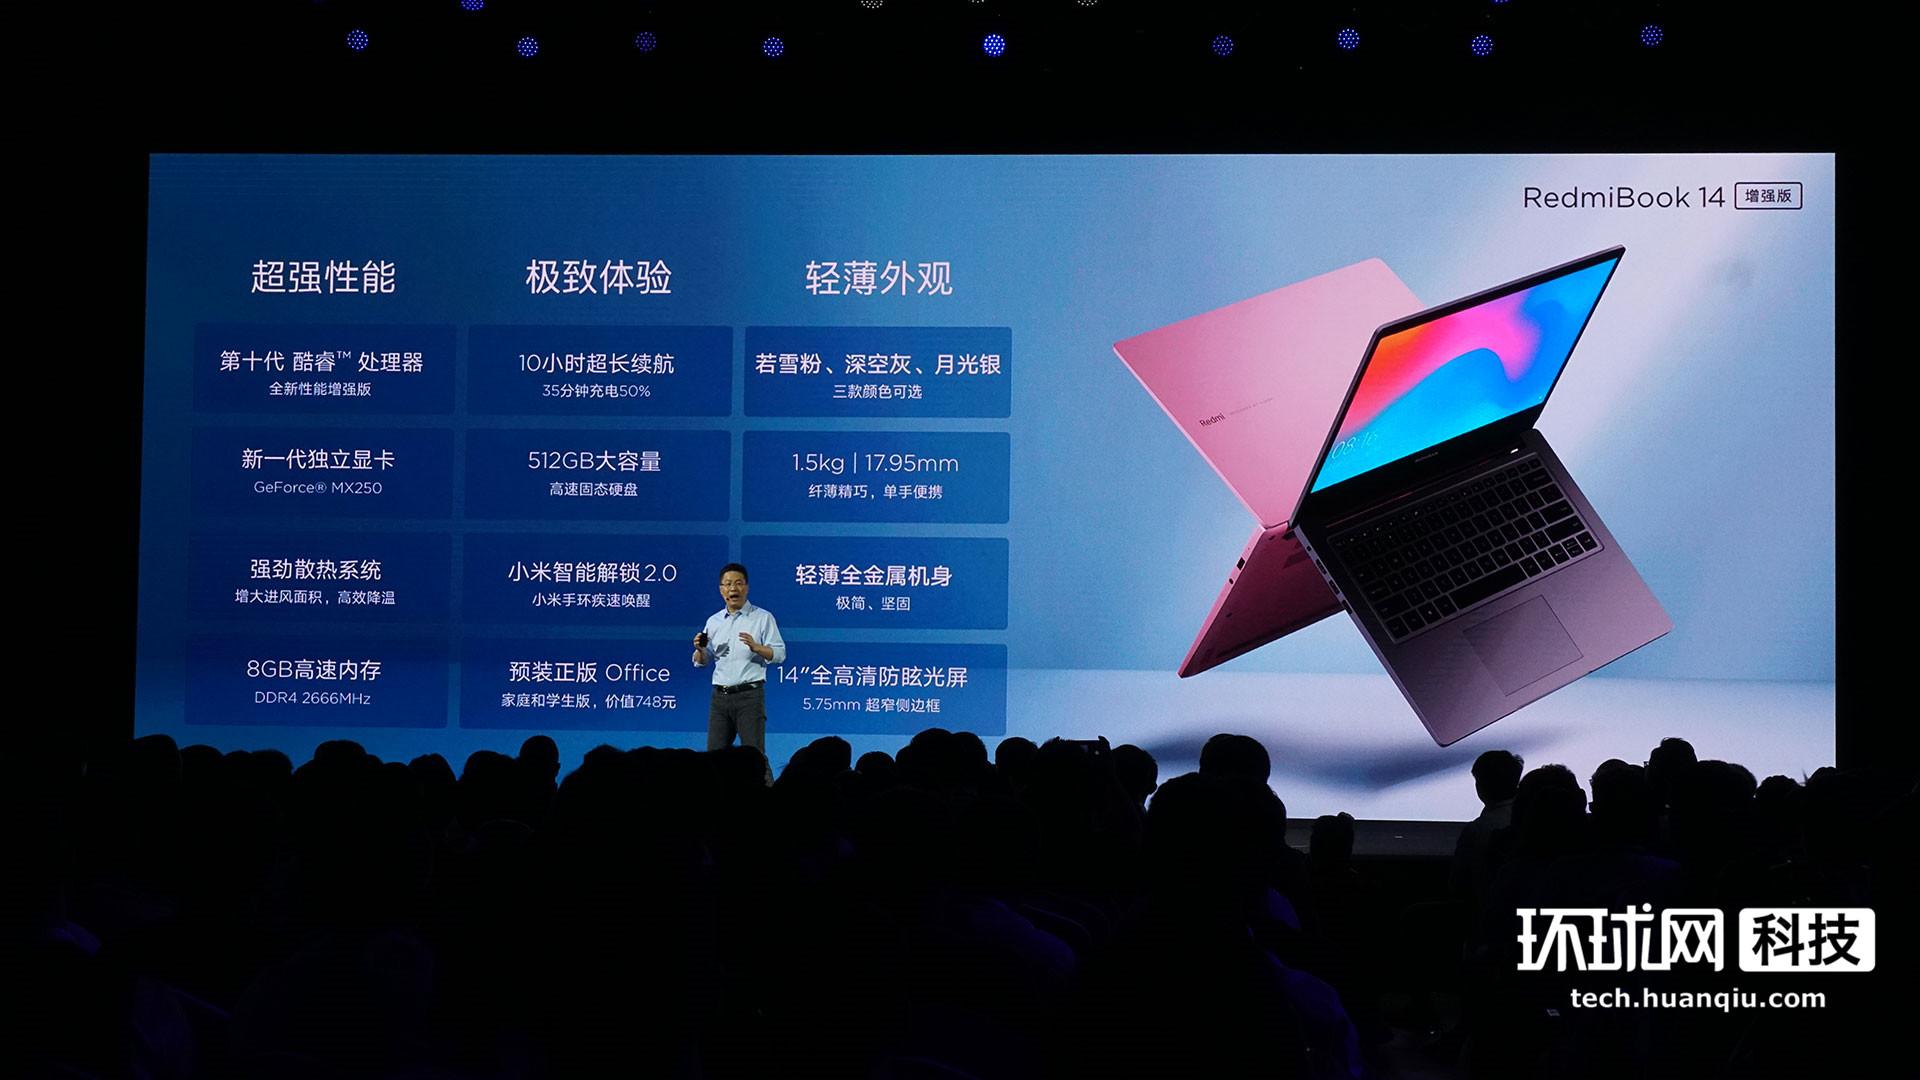 RedmiBook 14增强版发布,成为首批十代酷睿轻薄本